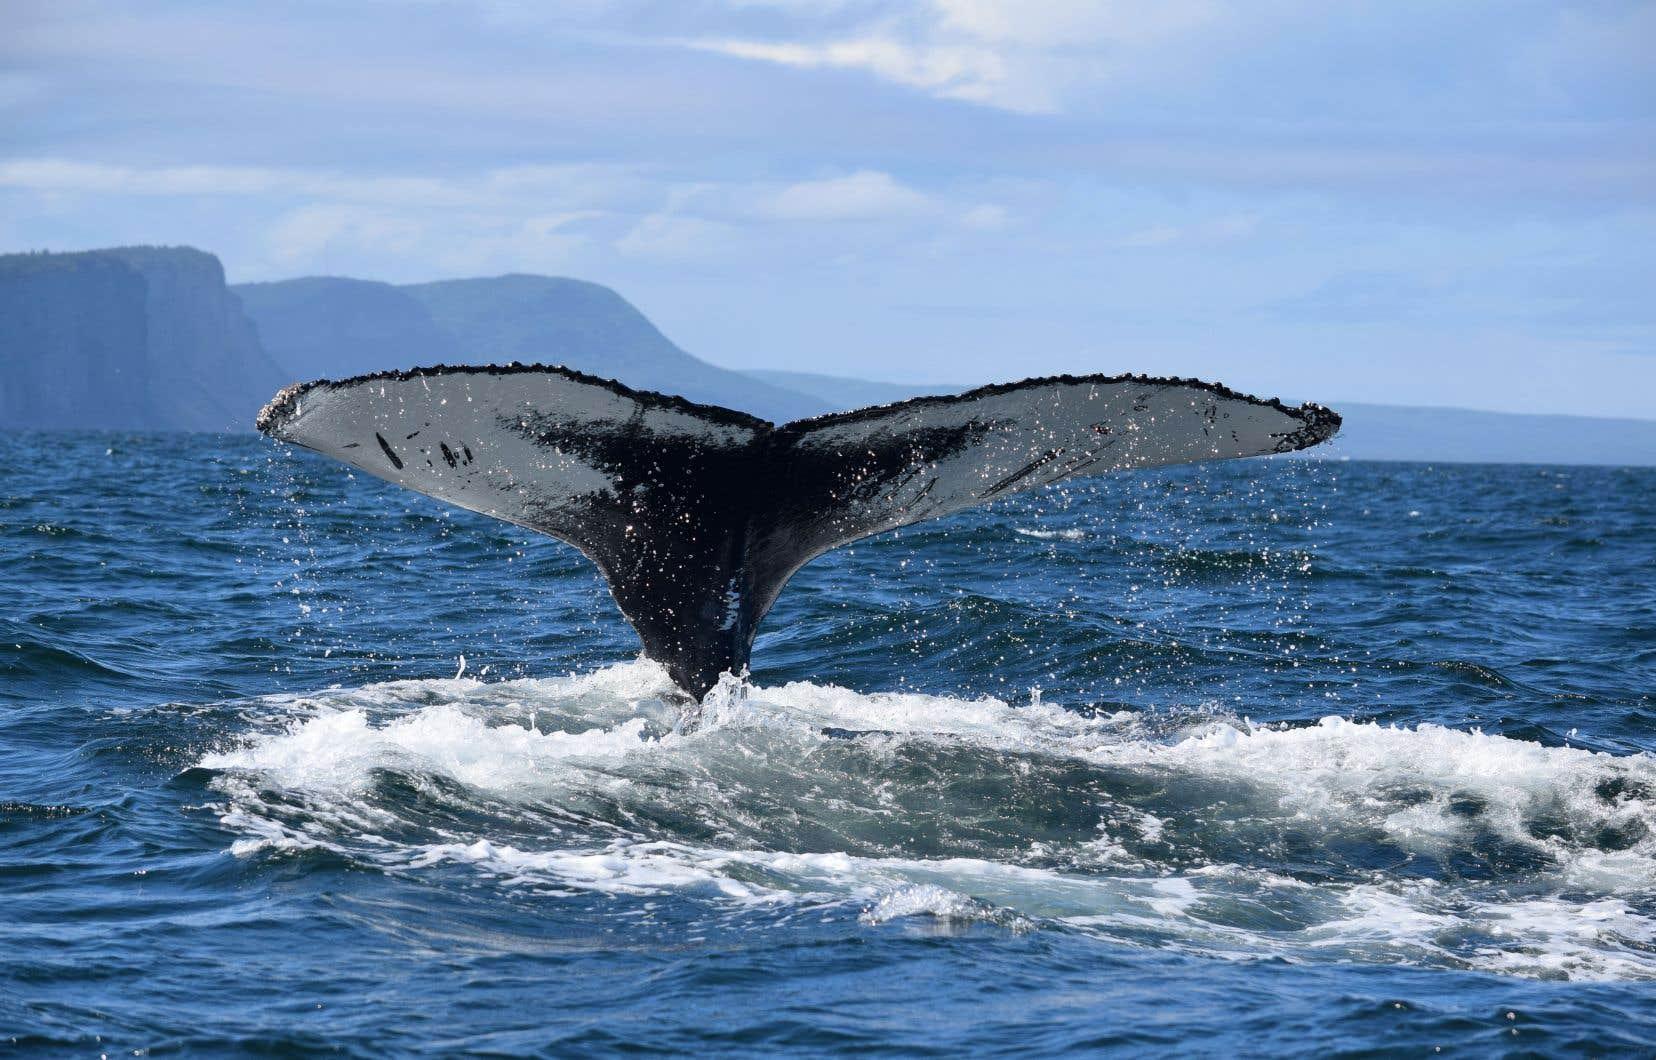 Les baleines à bosse fréquentent assidûment la zone située au large de Gaspé, un secteur ciblé pour la création d'une aire marine protégée.